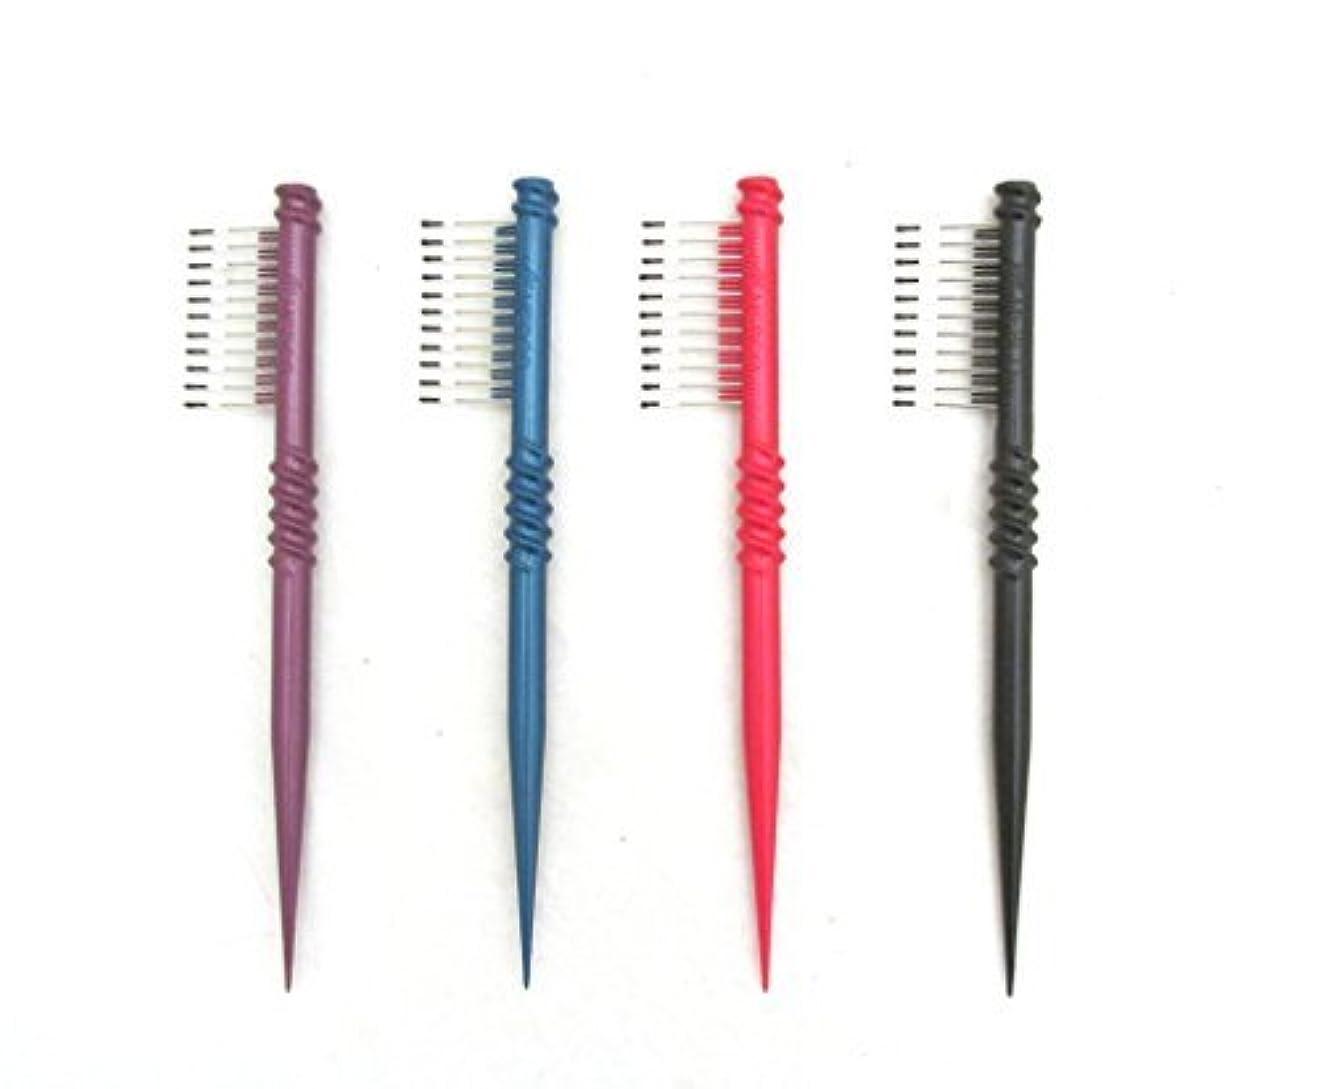 おじさんかわす私達MEBCO 8  Touch-Up Comb (Model: TH1) - Get all 4 colors, Detangler, hair brush, hair comb, pick, pik, pulls out...